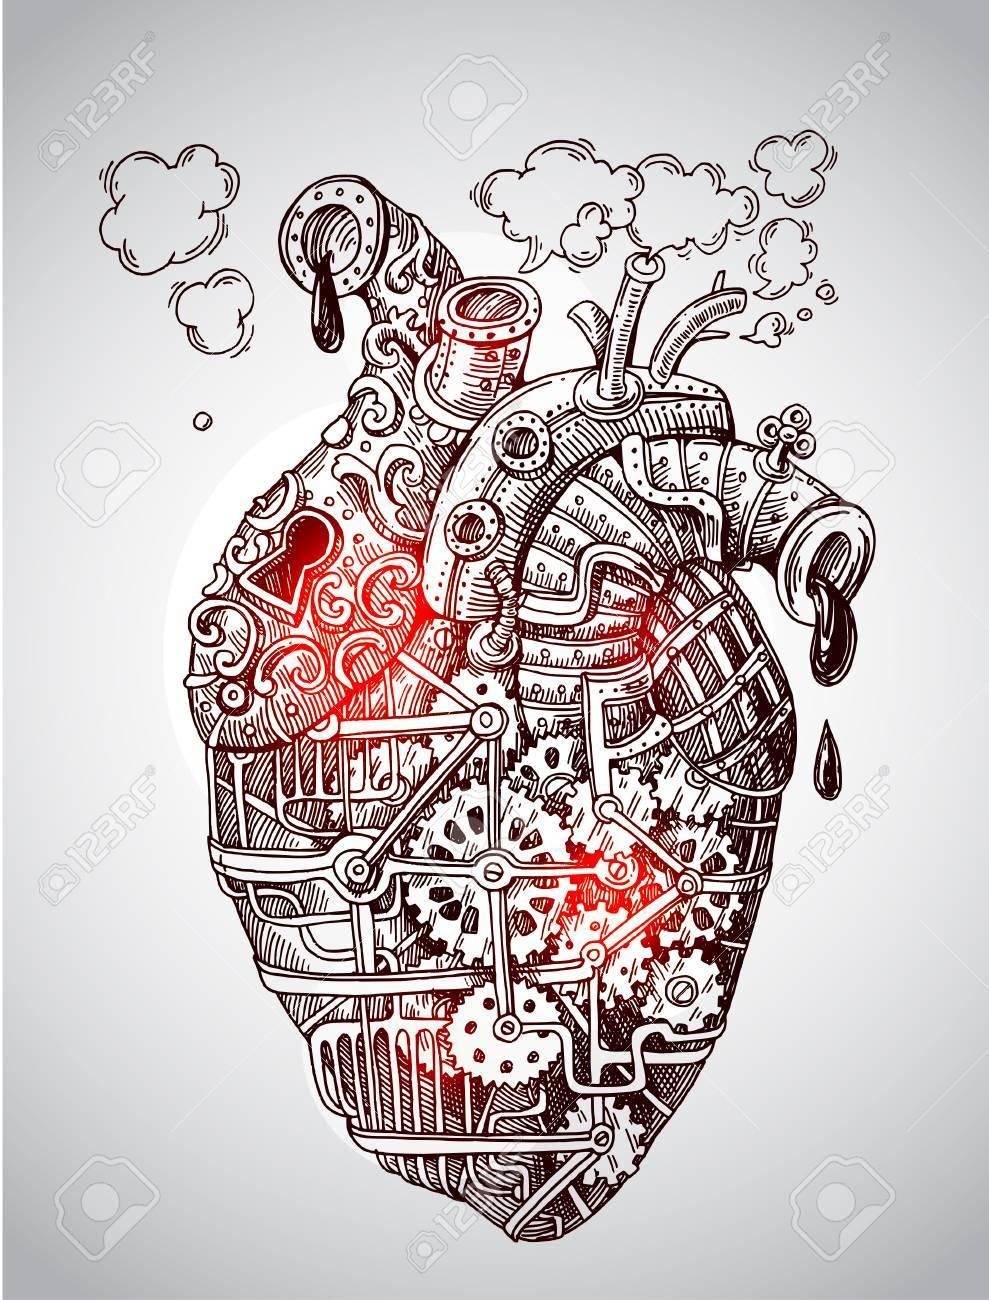 Ilustración Mecánica Del Corazón. Dibujado A Mano De Vectores ...